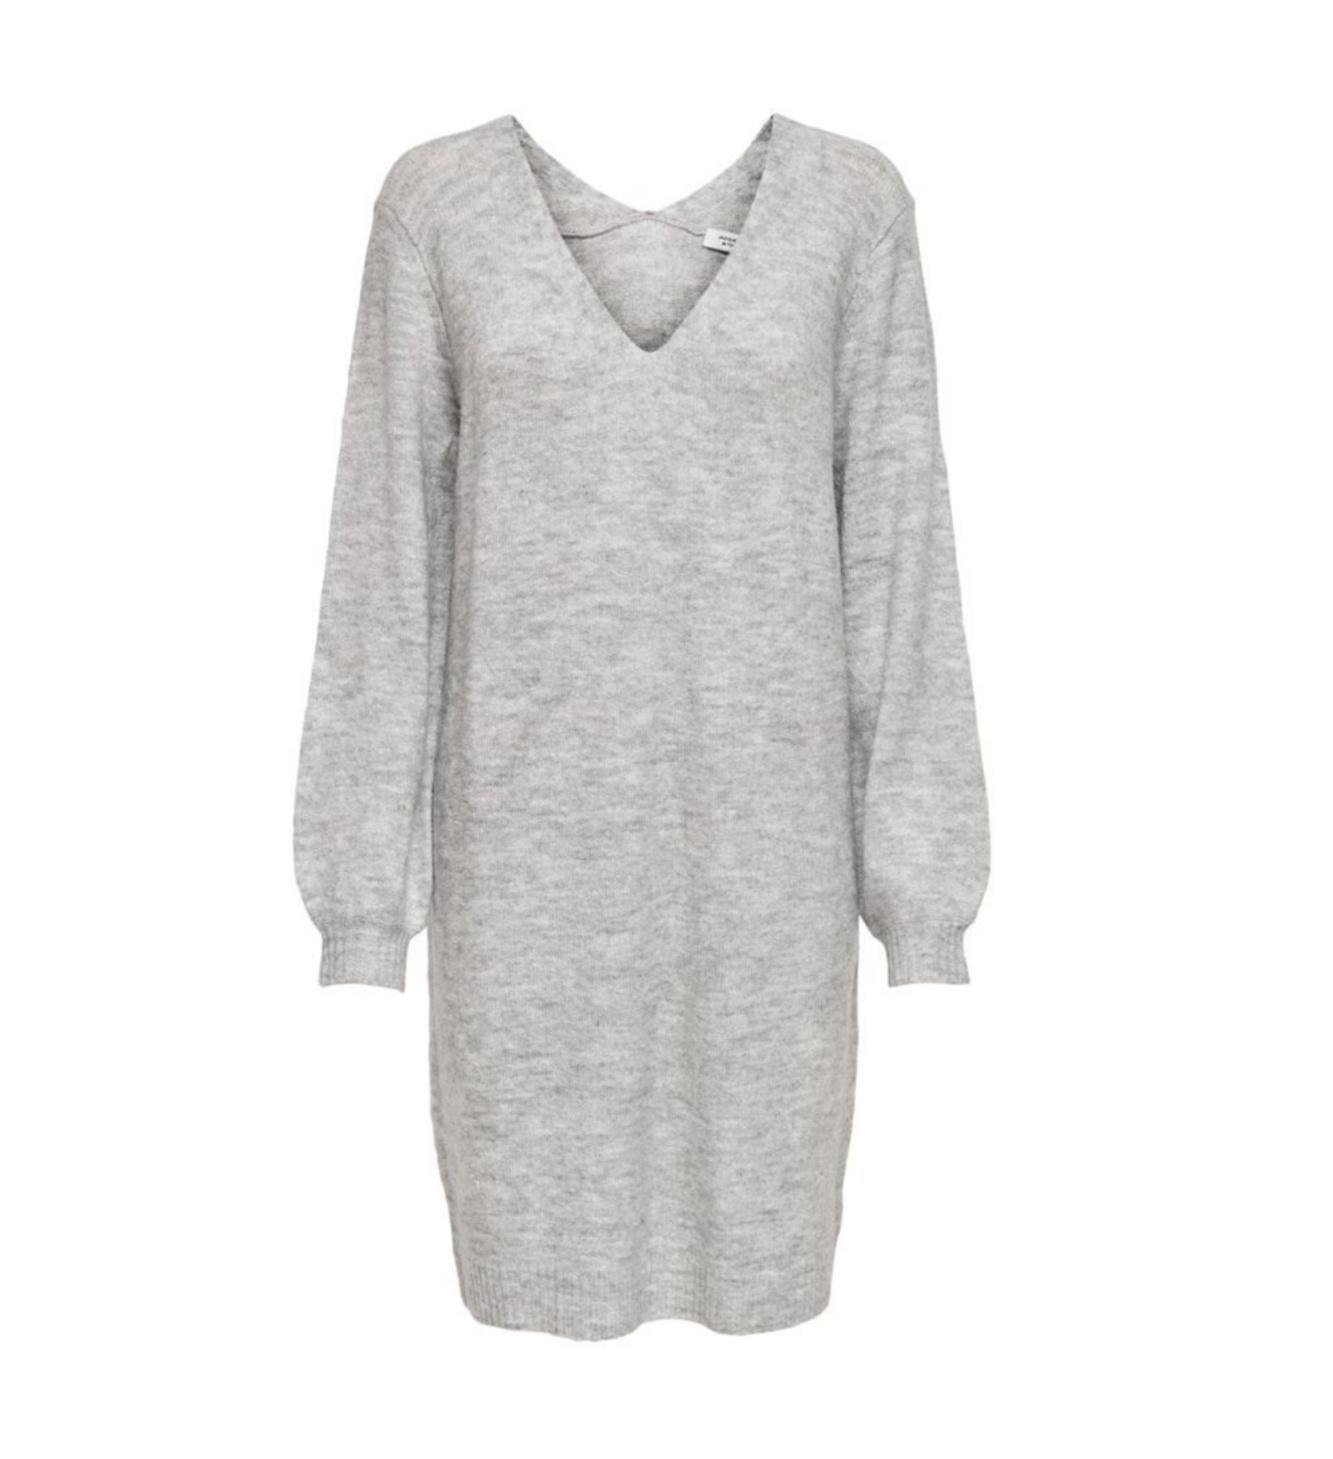 Only JDY Elanora V-Neck Dress